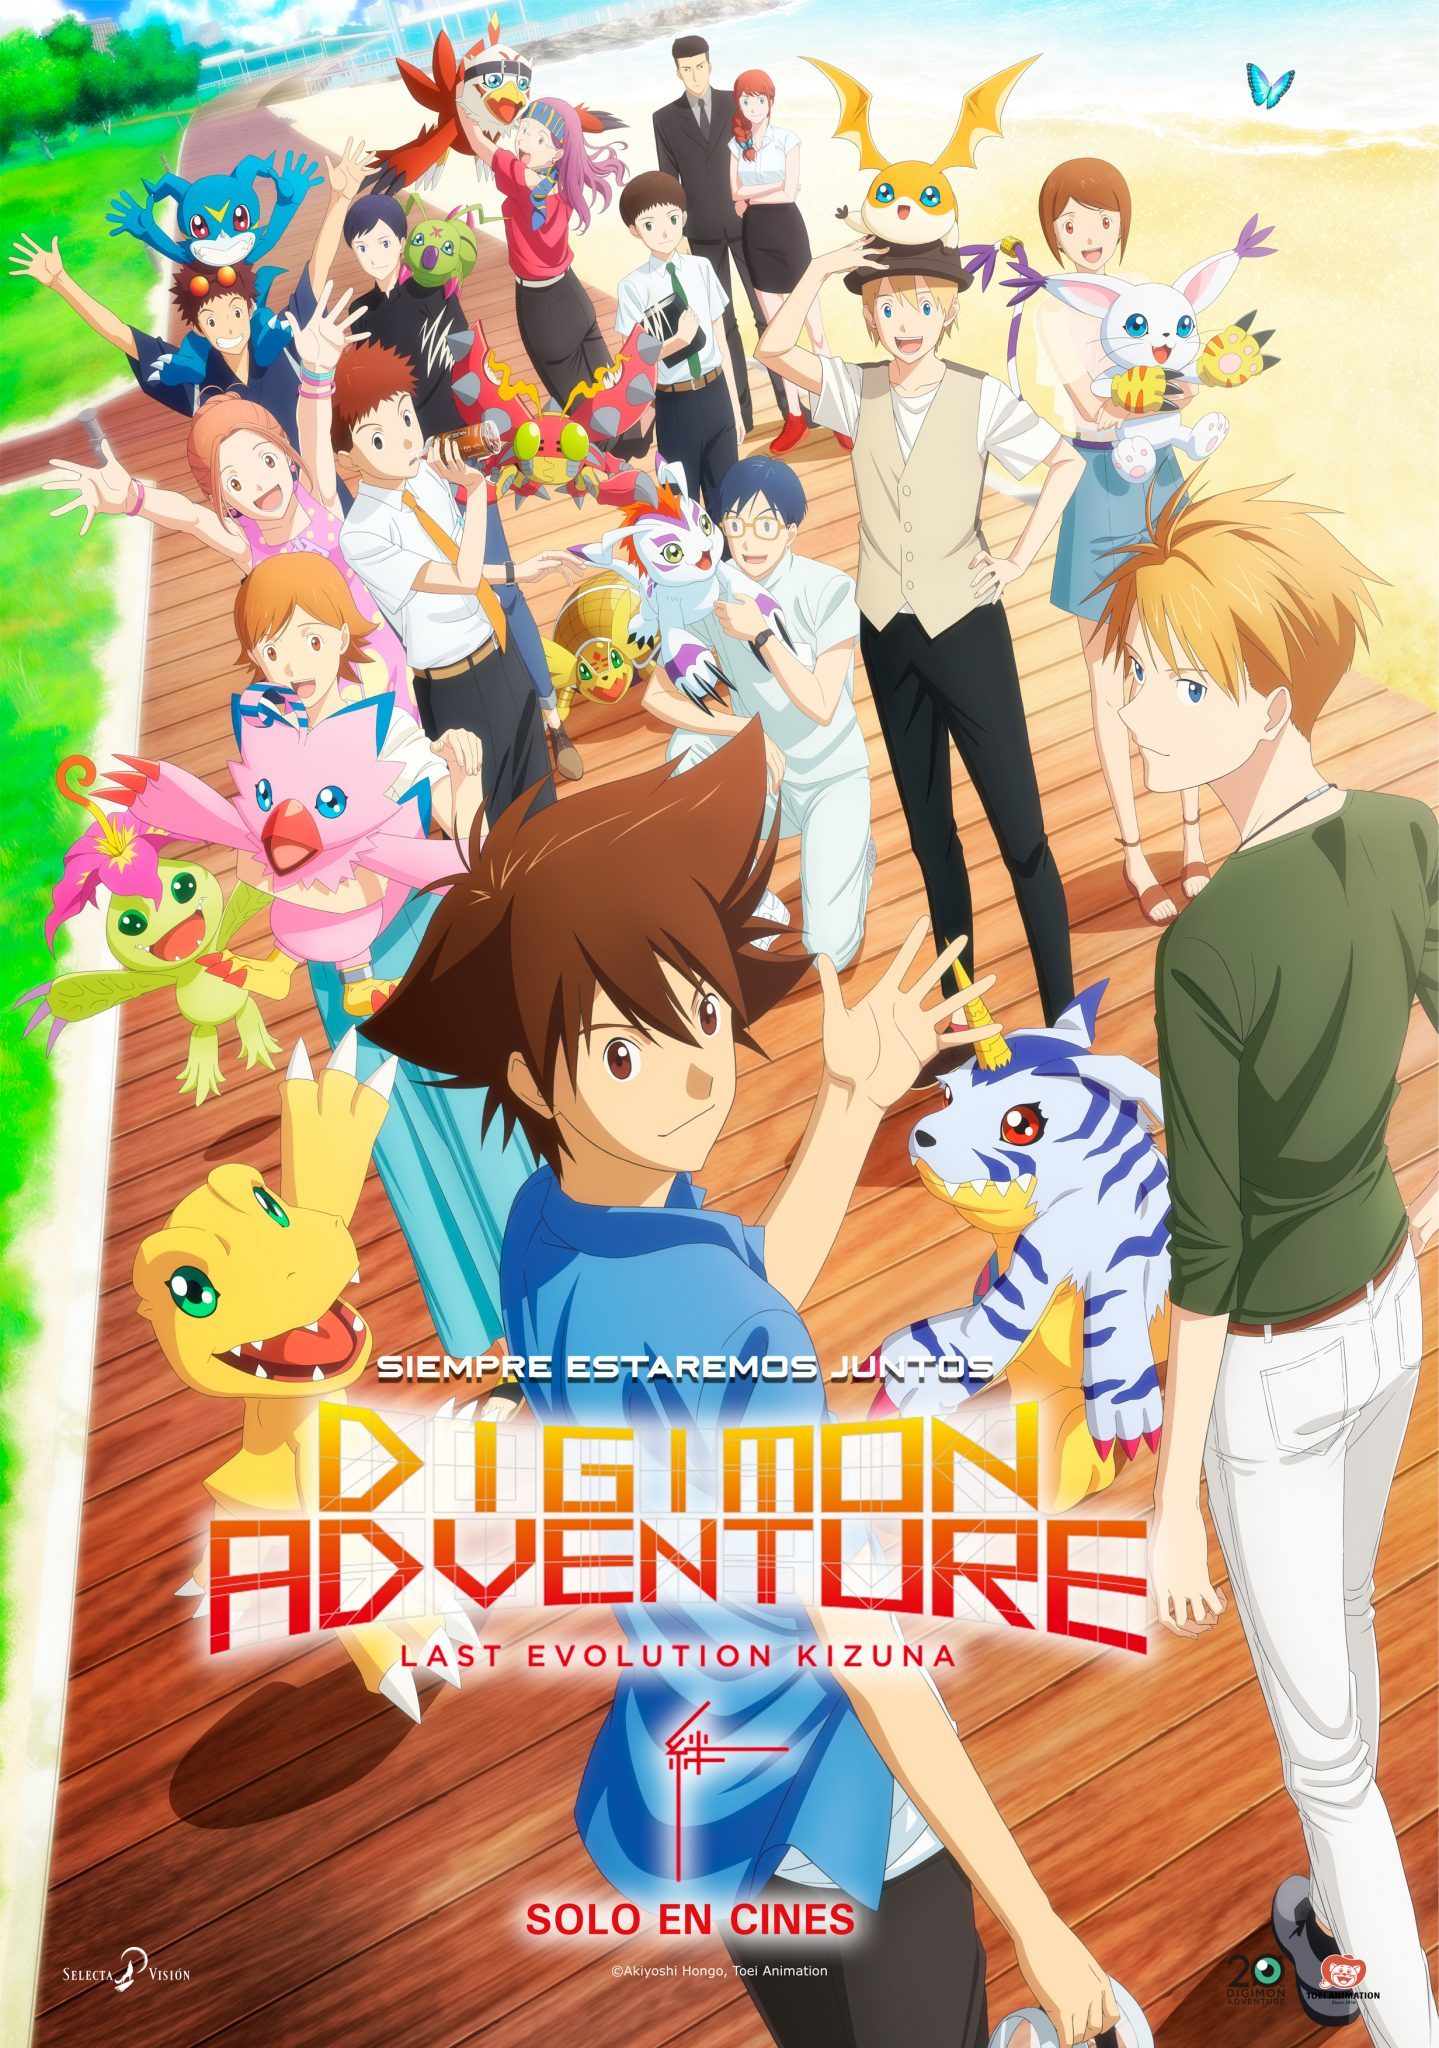 Cartel de Digimon Adventure: Last Evolution Kizuna